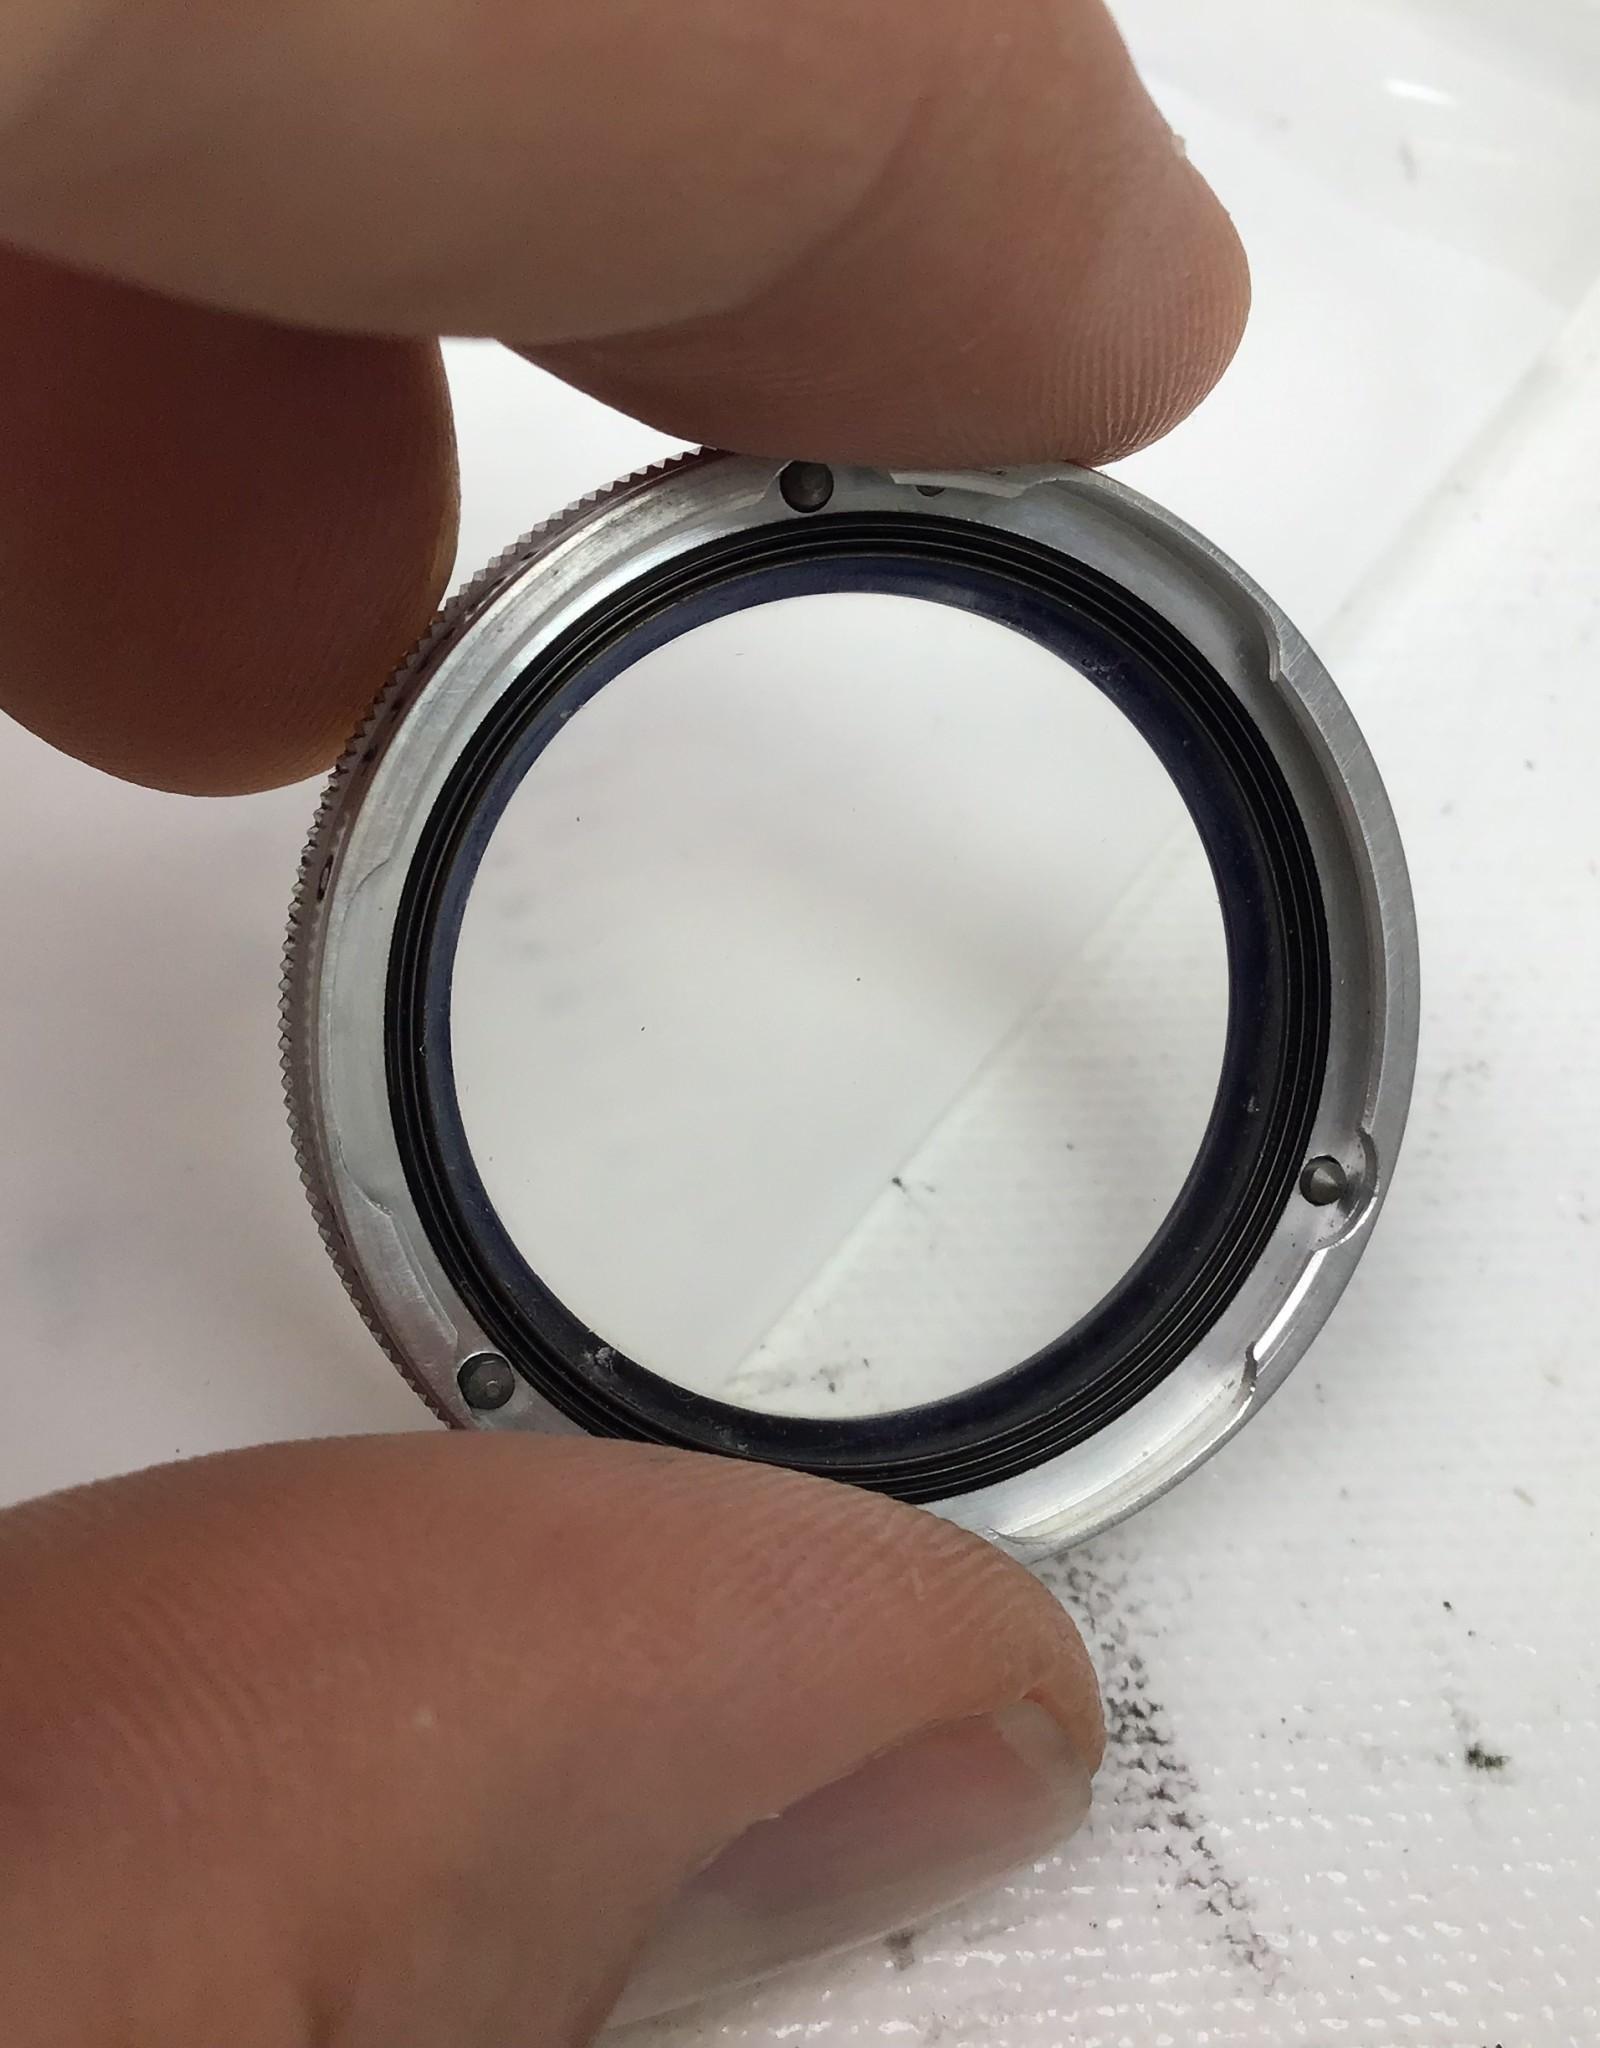 Rolleiflex Rollei Rolleisoft 0 Bay 1 Soft Focus Filter w/ Case Used Good